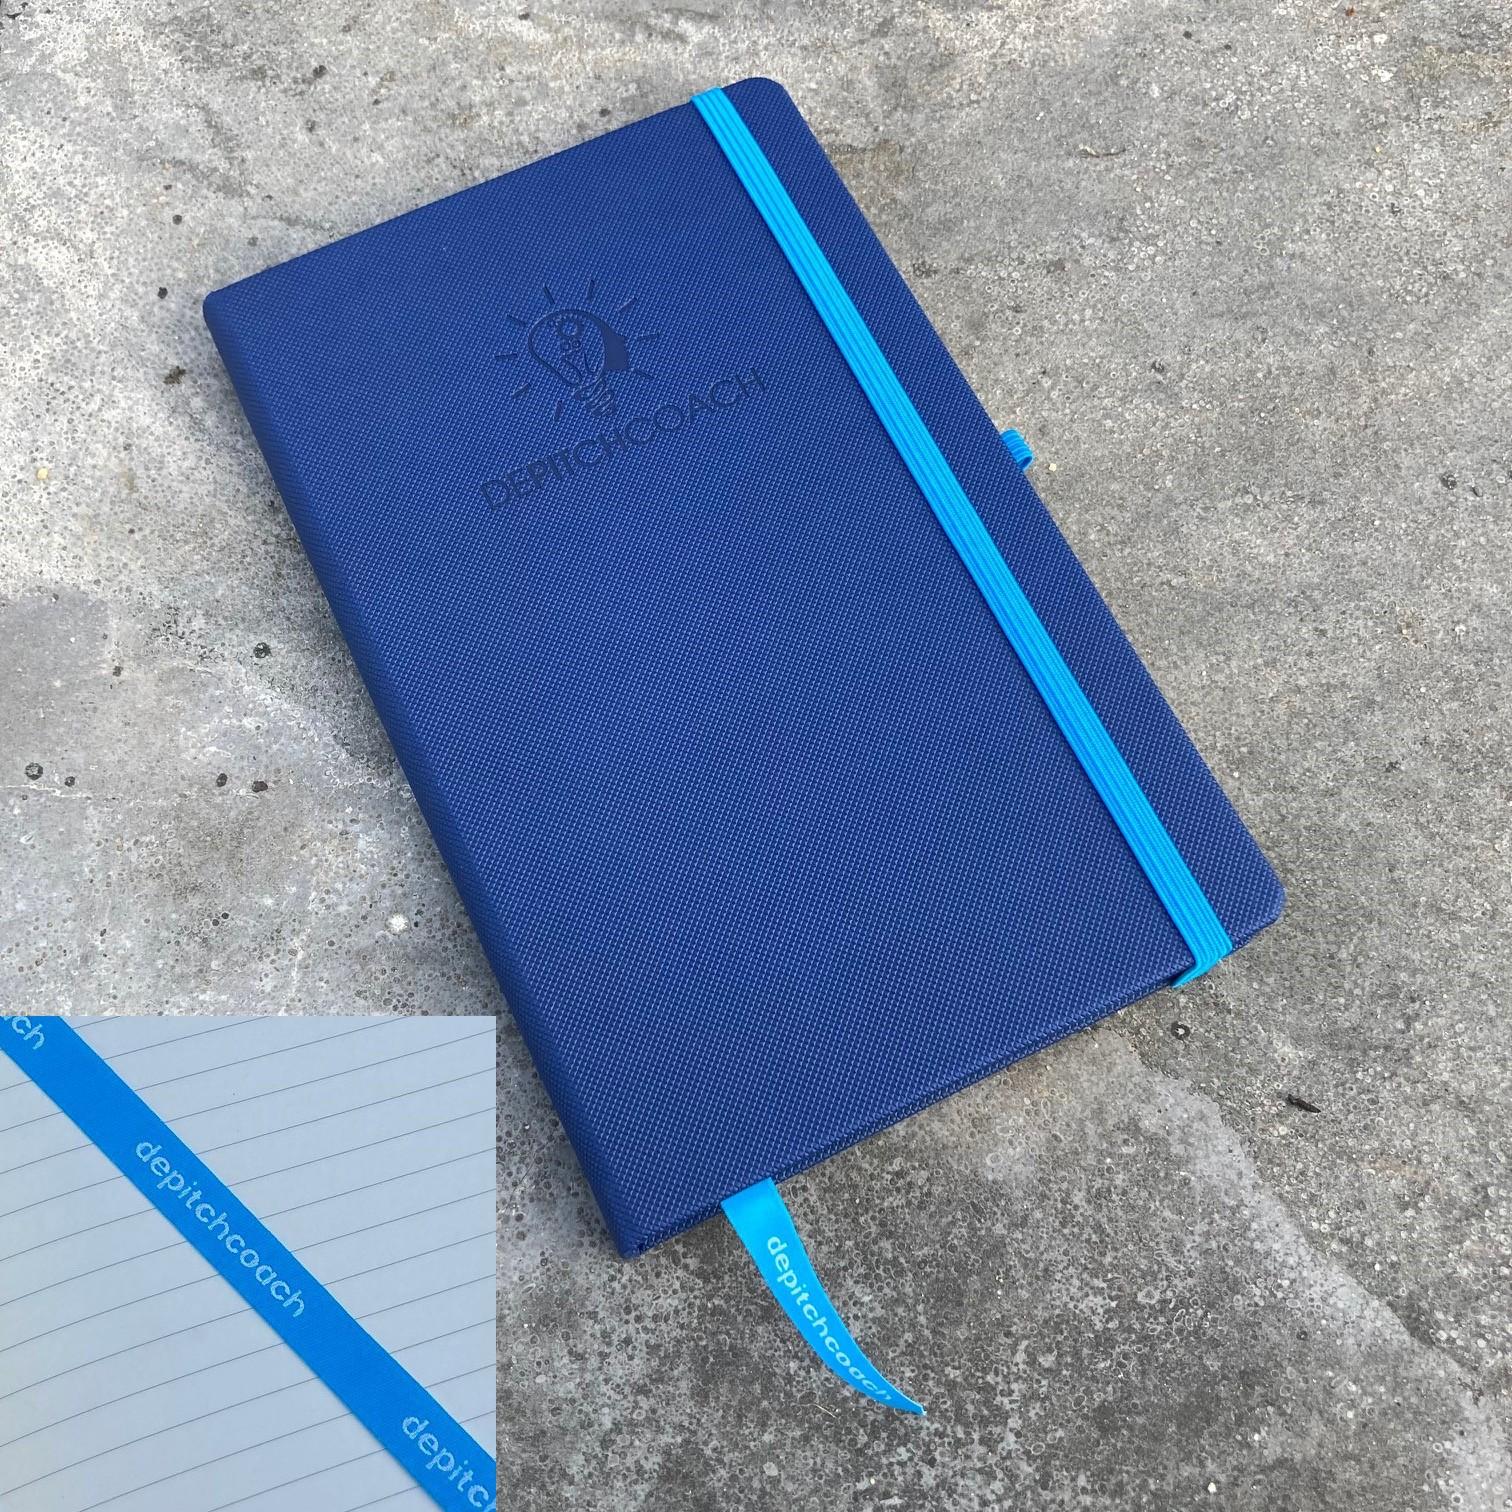 Notitieboek met logo op leeslint